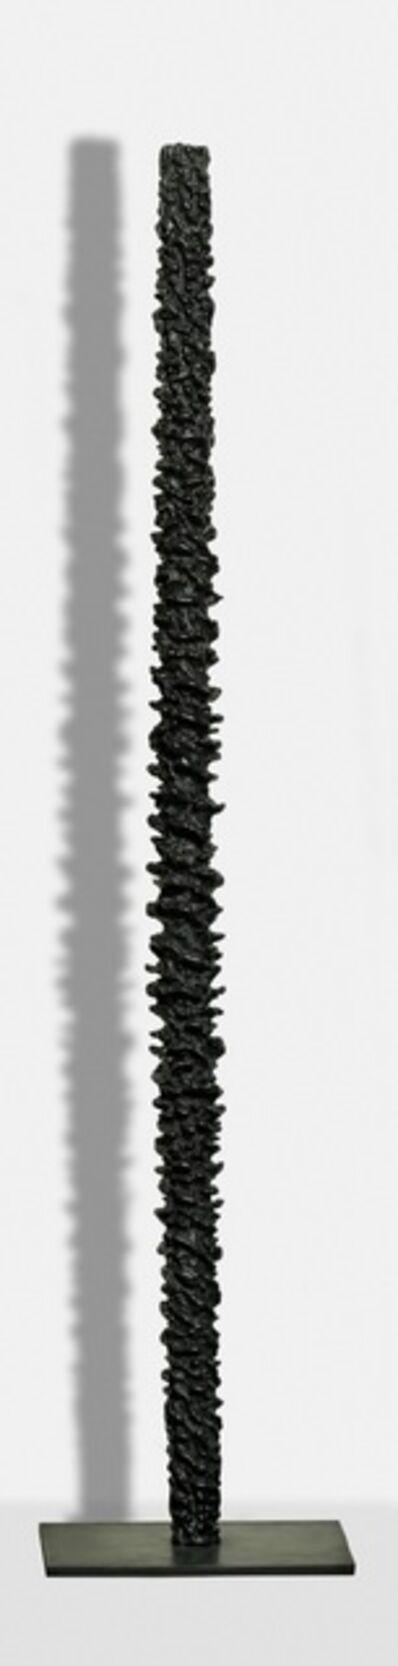 Martin Kline, 'Black Spiral', 2017